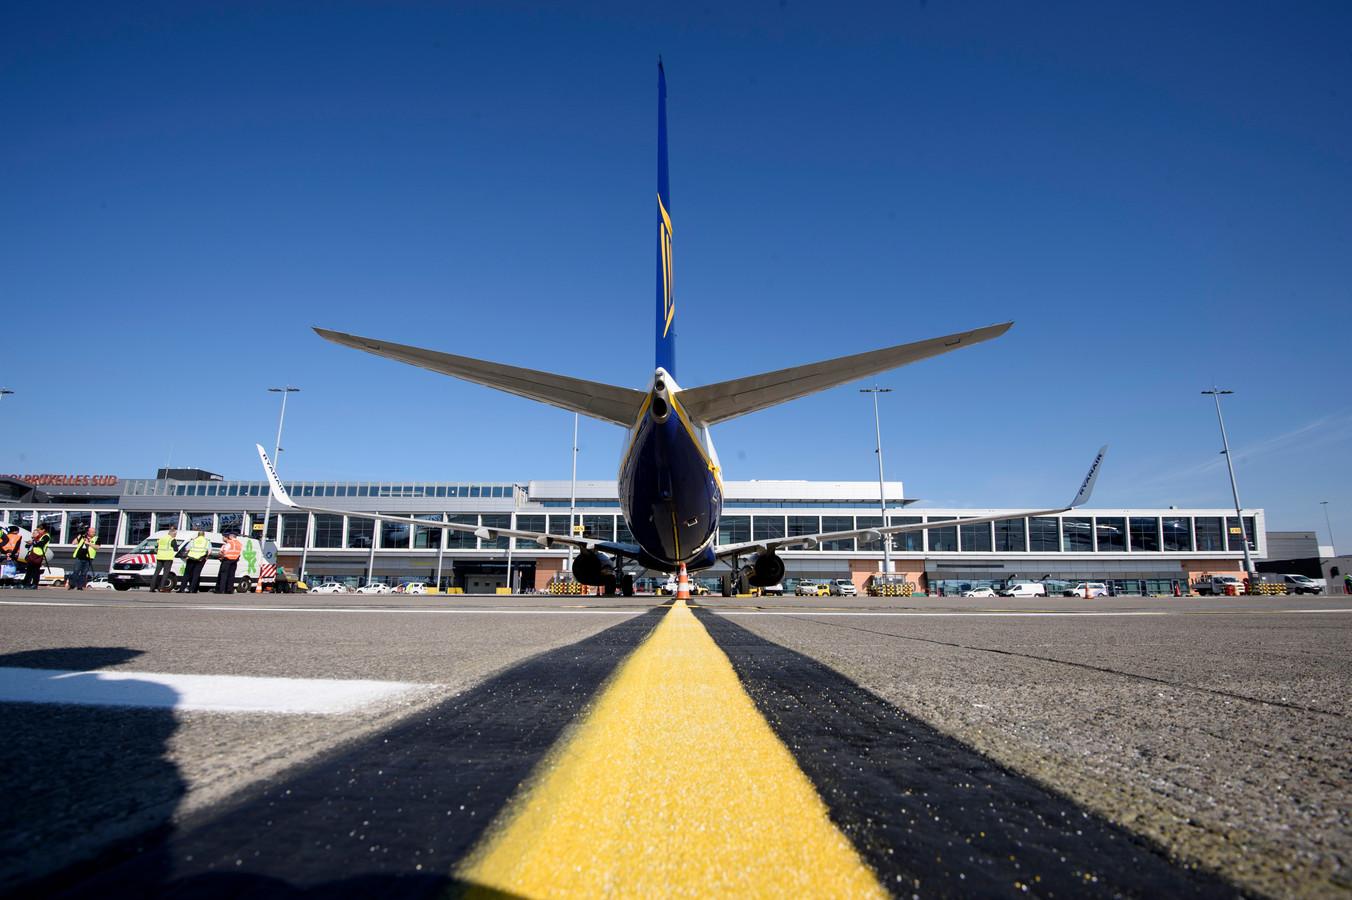 Un avion Ryanair sur le tarmac de l'aérorport de Charleroi, avril 2020.